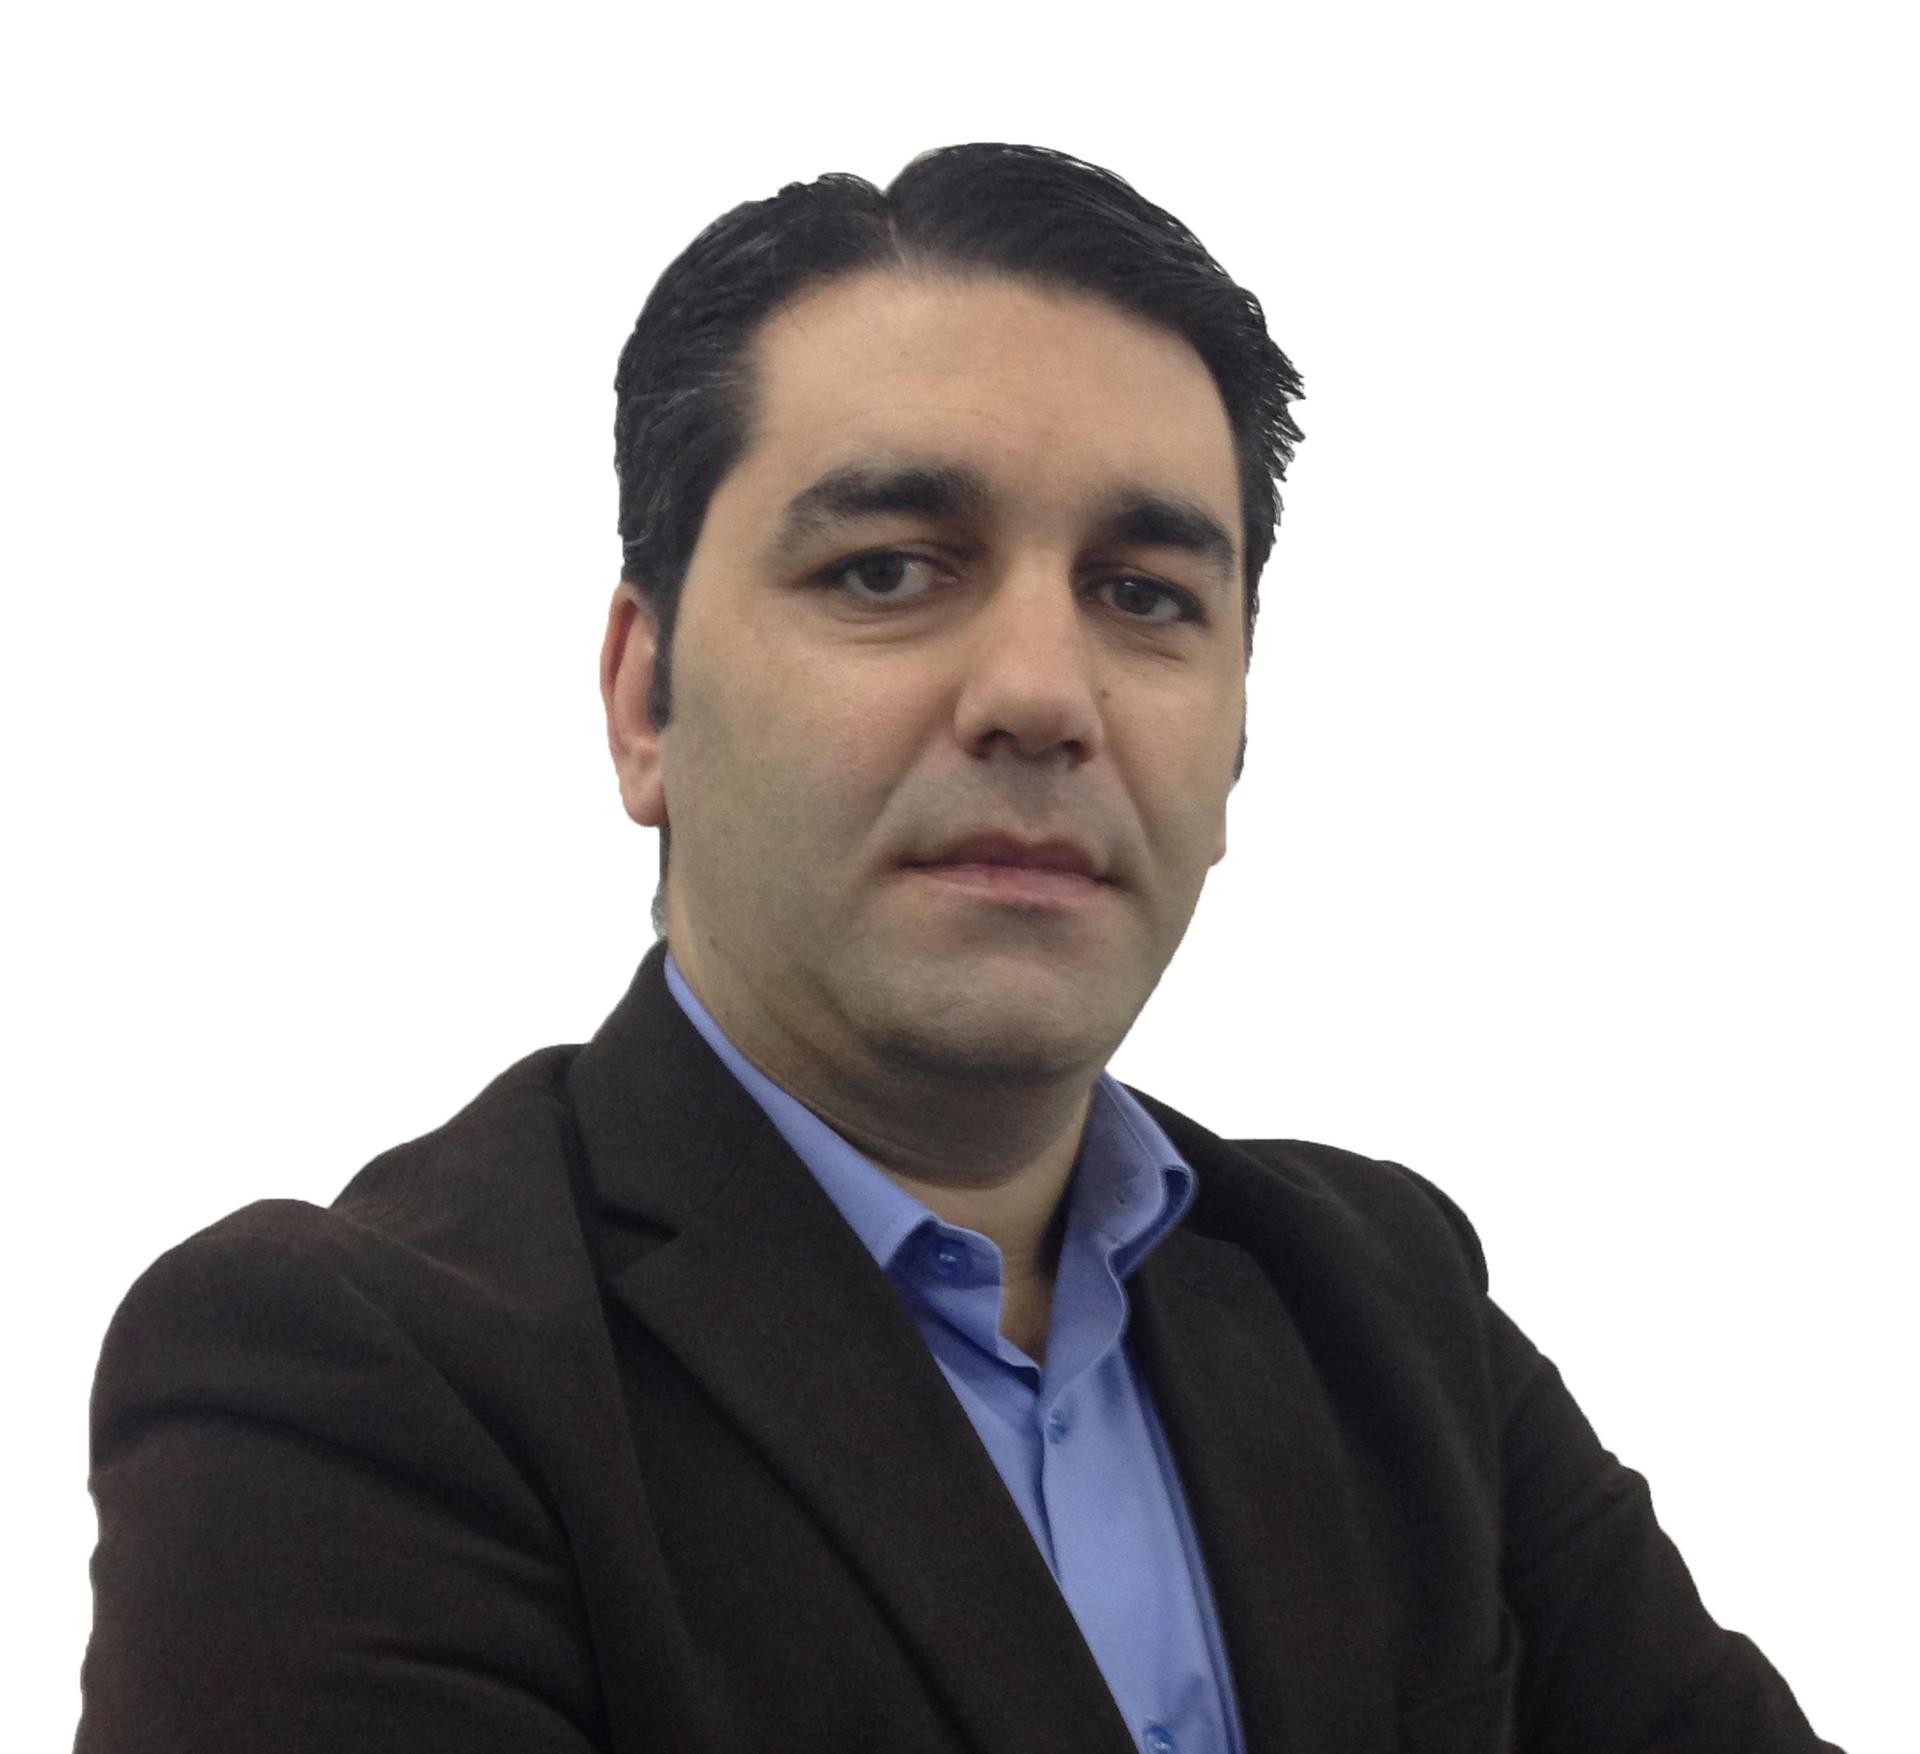 José Paraíso